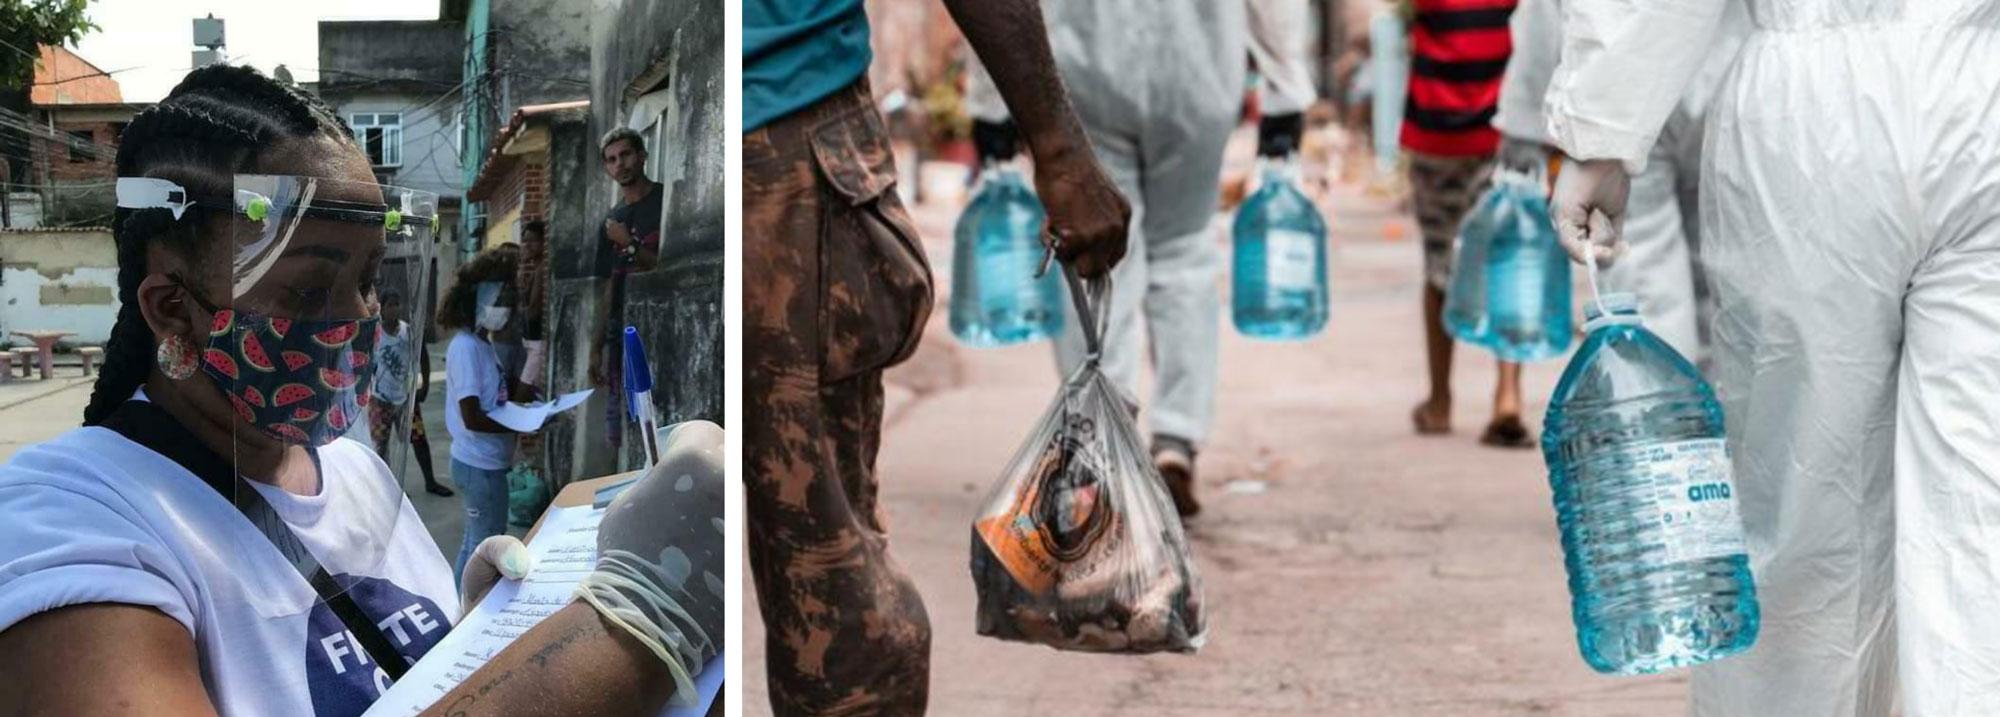 Voluntários cadastram famílias e distribuem itens básicos na Cidade de Deus.